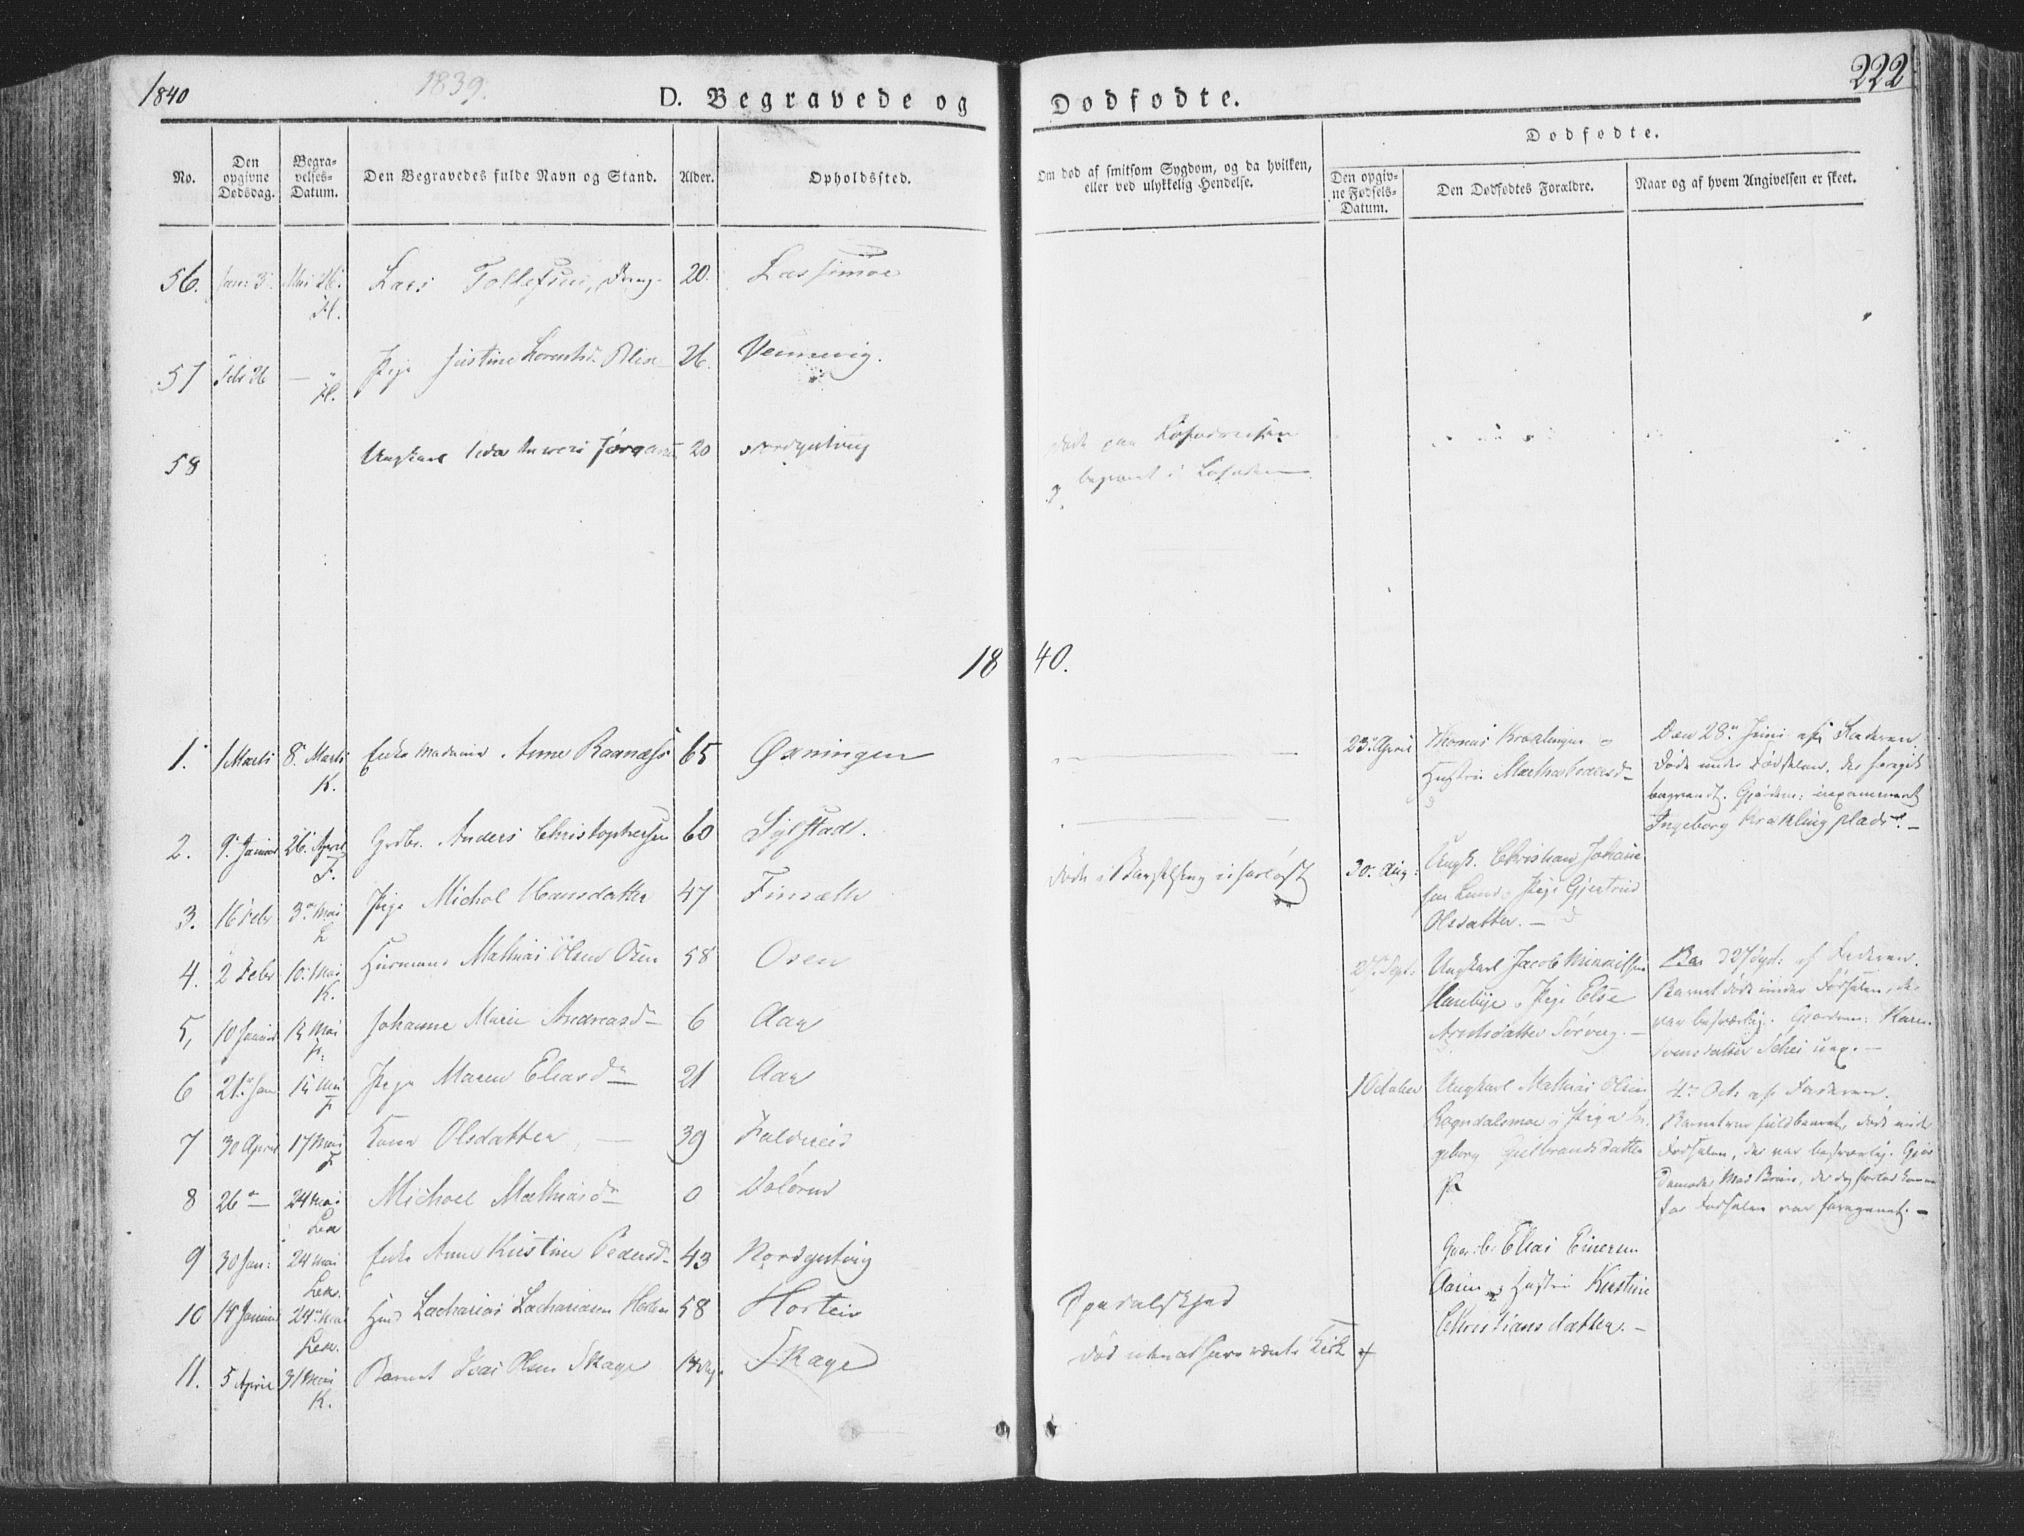 SAT, Ministerialprotokoller, klokkerbøker og fødselsregistre - Nord-Trøndelag, 780/L0639: Ministerialbok nr. 780A04, 1830-1844, s. 222